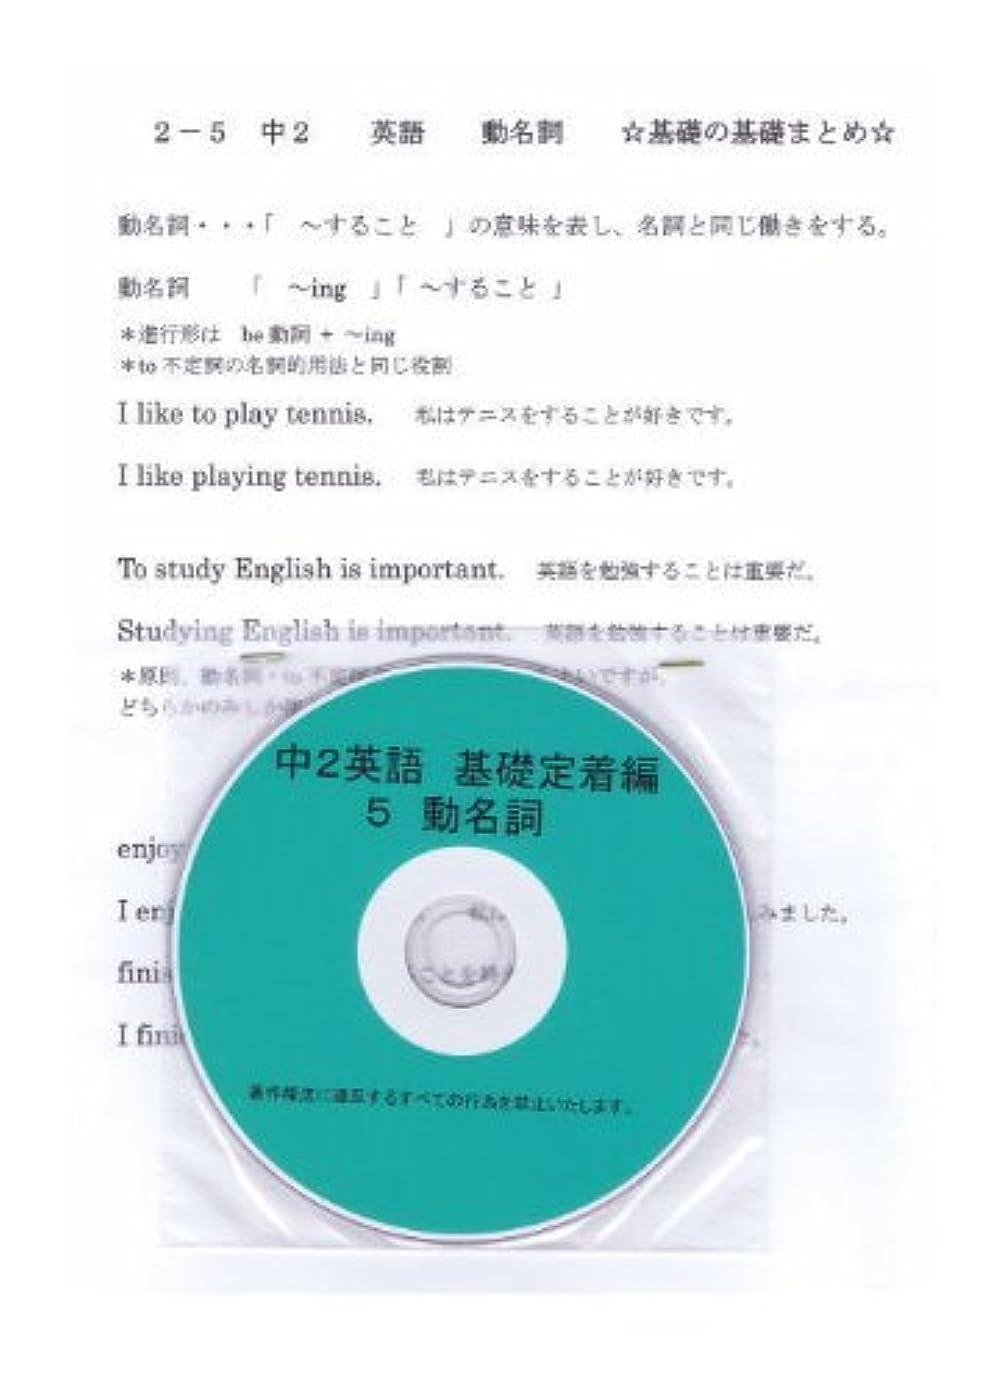 箱アイザック戸口中学 英語 2年【基礎】問題集 5 動名詞 DVD (授業+テキスト+問題集)